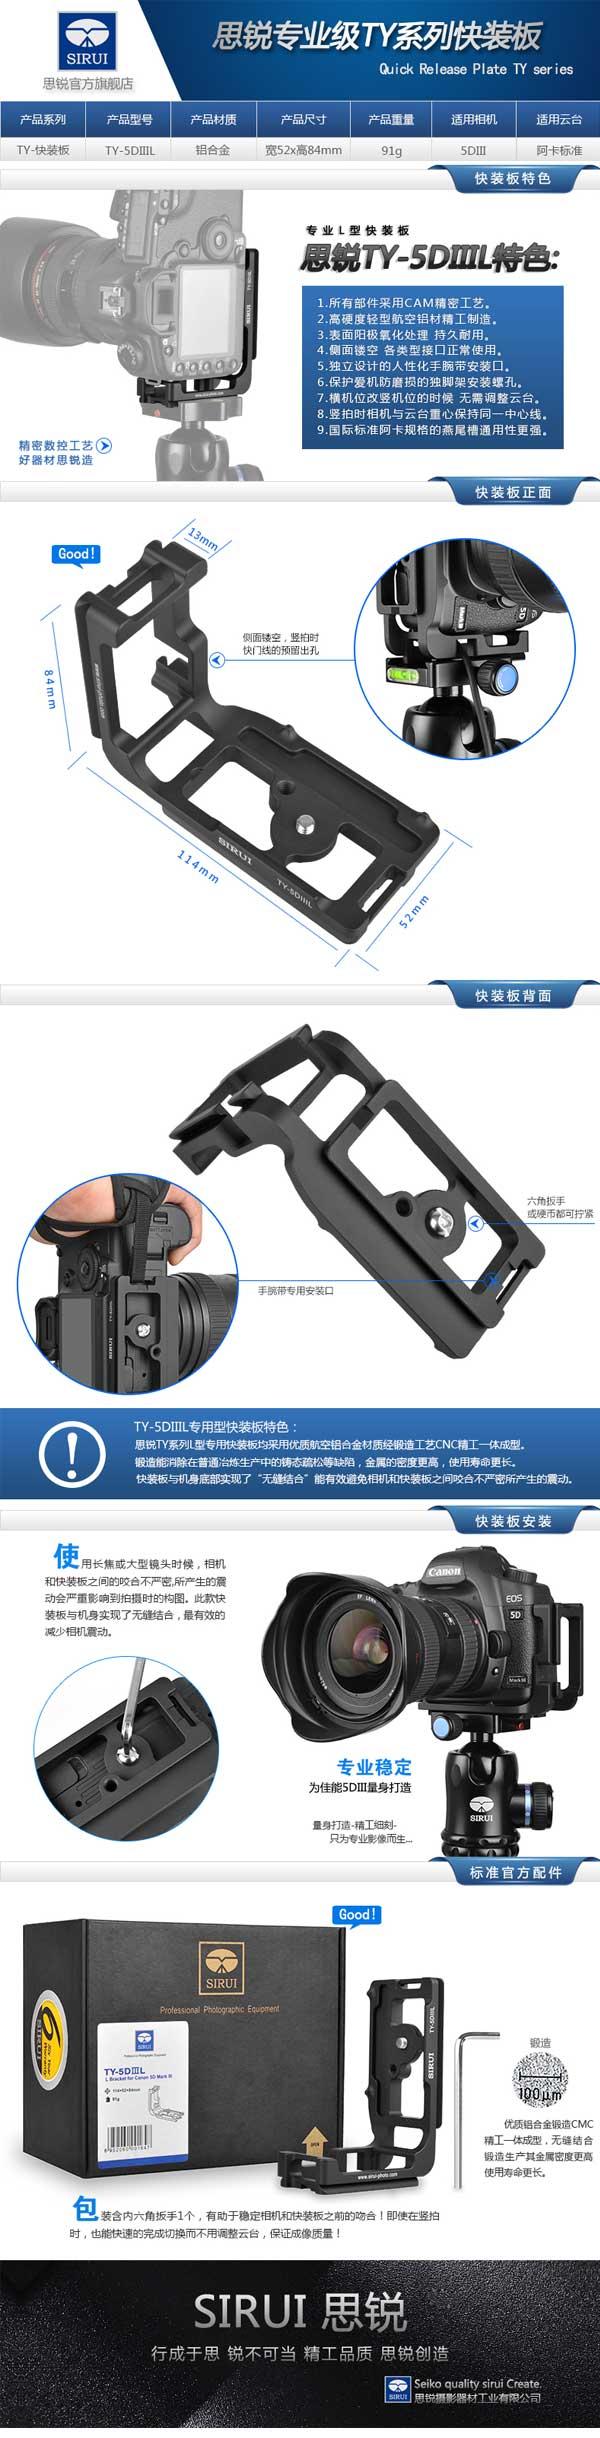 TY5D3L-001.jpg